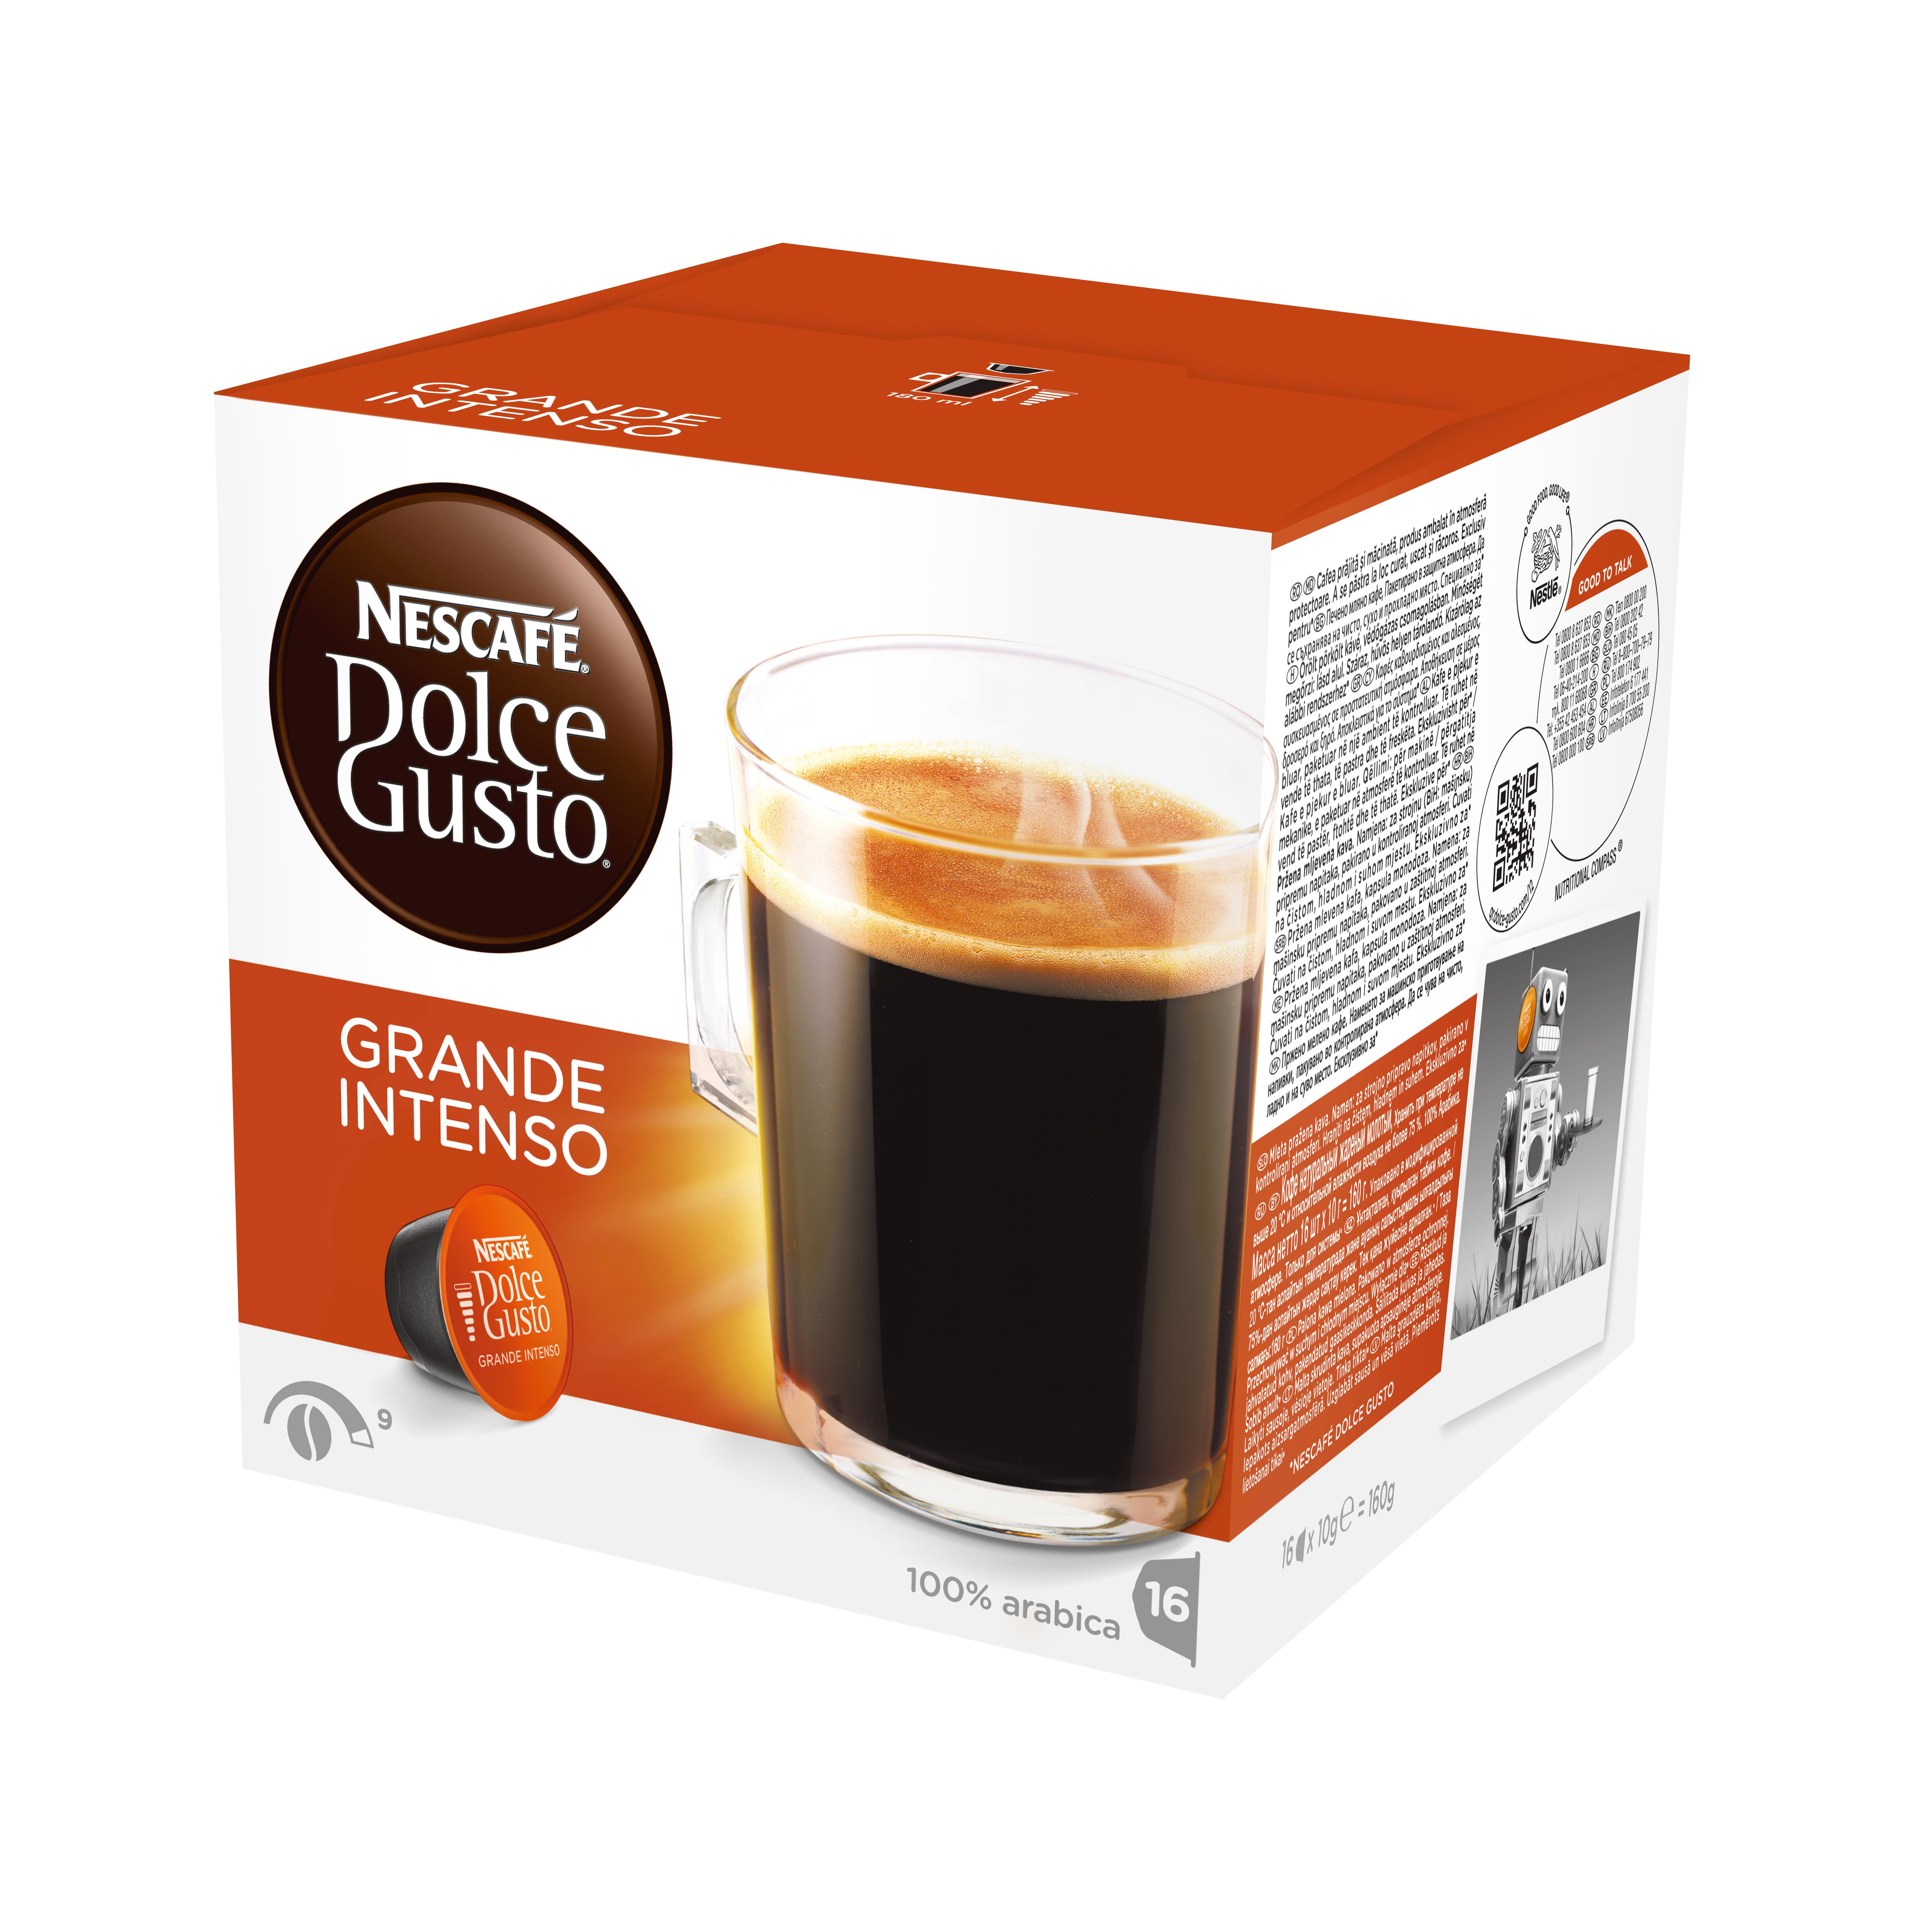 Кофе в капсулах Dolce Gusto Grande IntensoКофе, какао<br>Создайте себе неповторимое утреннее настроение вместе с Nescafe® Dolce Gusto®! Насладитесь восхитительным пробуждающим кофе Caf&amp;#233; Grande Intenso, который приятно удивит вас глубоким вкусом и насыщенным ароматом.<br>Grande Intenso- это большая чашка крепкого кофе, для любителей глубокого насыщенного вкуса кофе.<br>СОСТАВ: кофе натуральный жареный молотый<br><br>Тип: кофе в капсулах<br>Обжарка кофе: средняя<br>Дополнительно: 16 капсул